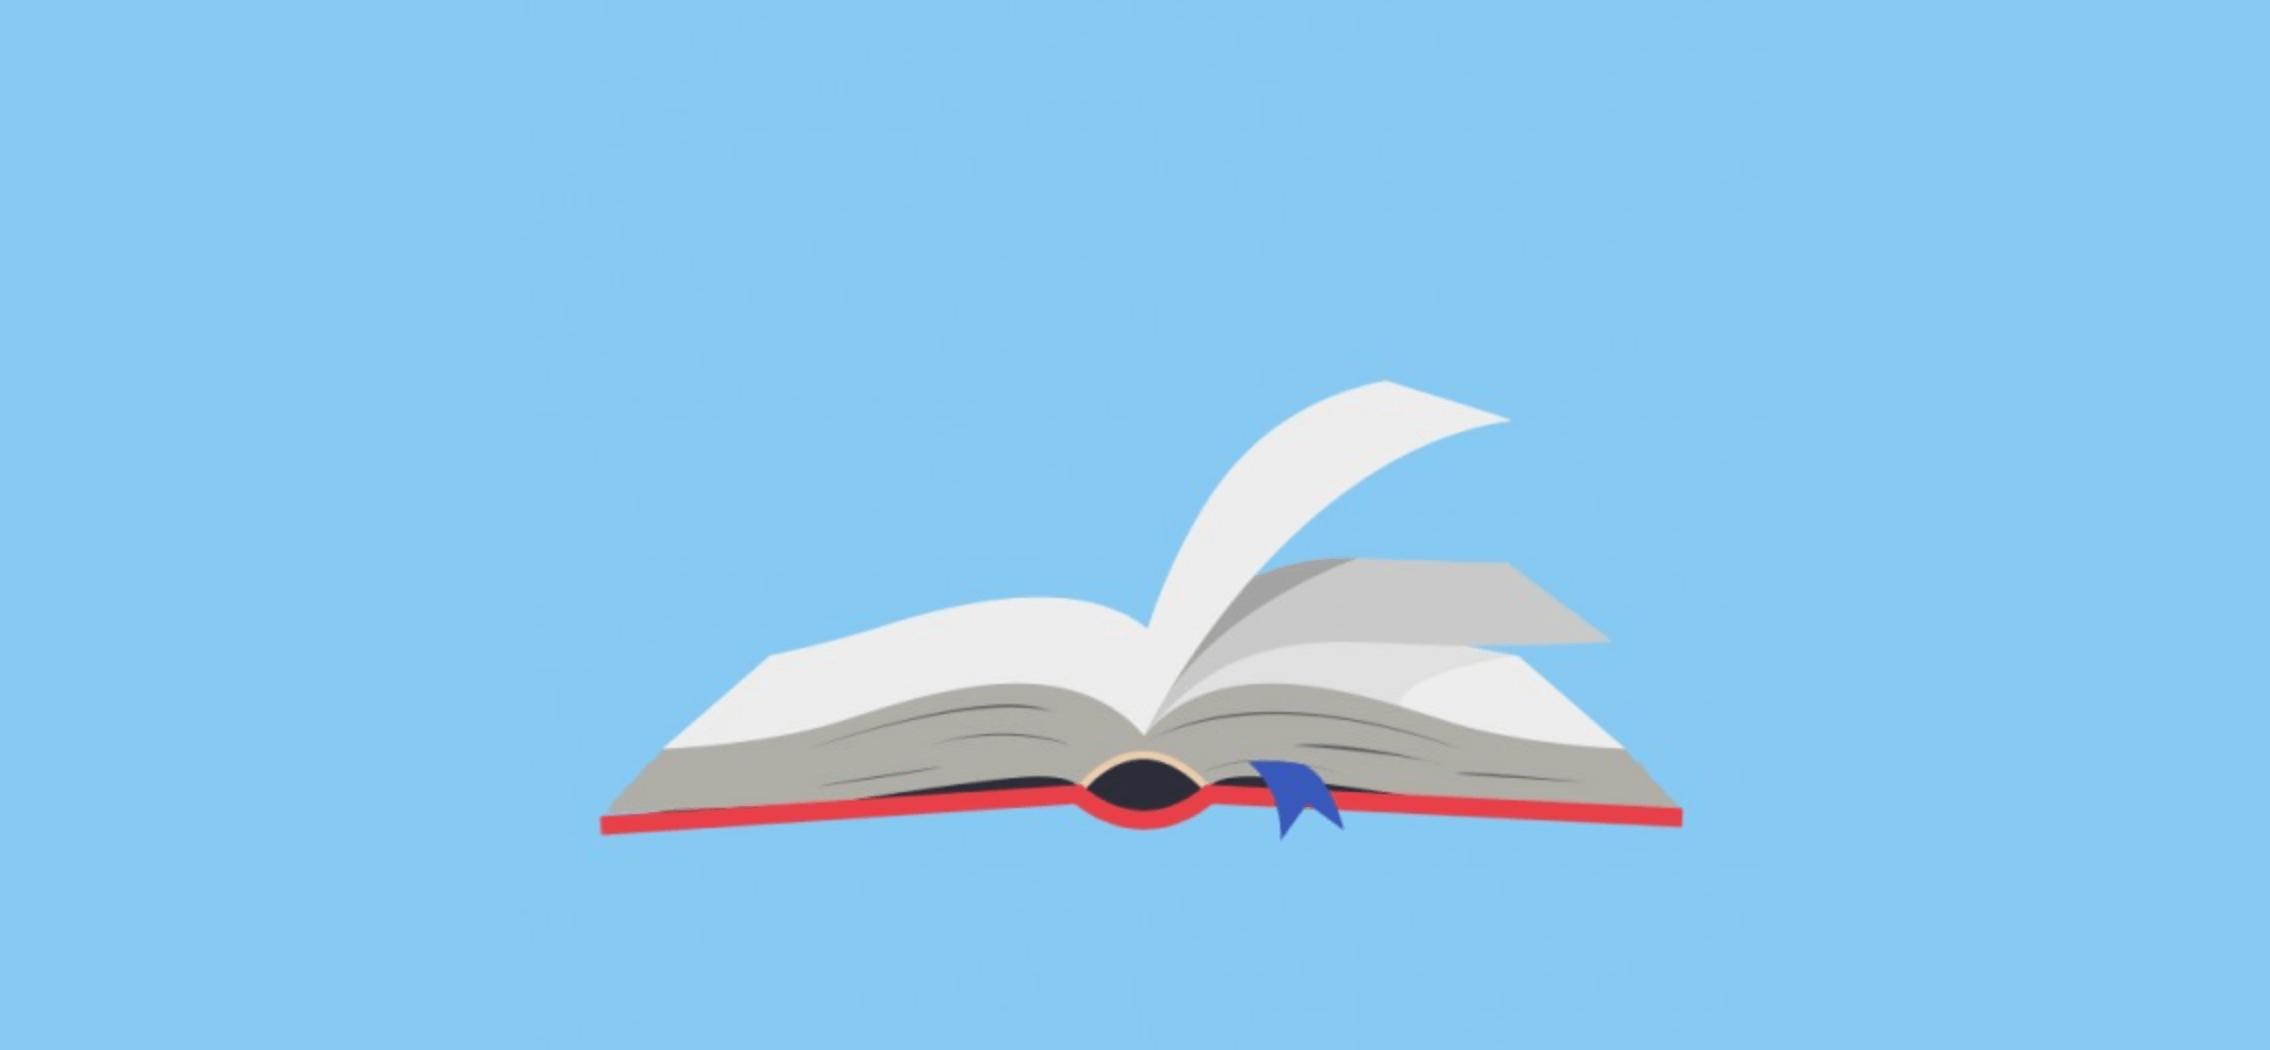 mejores libros de diseño gráfico